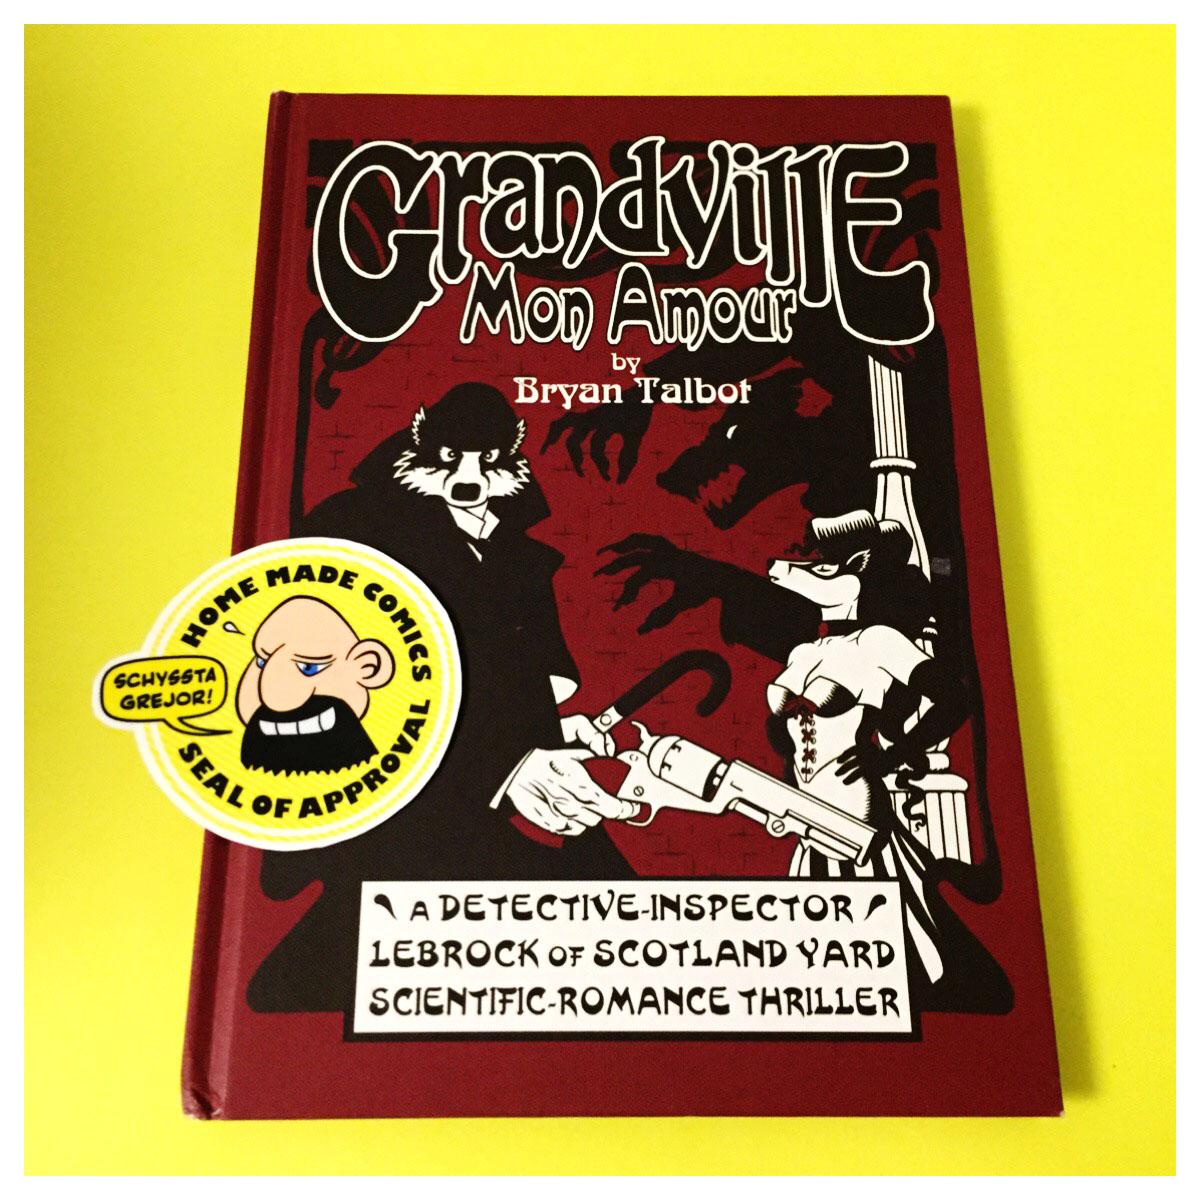 Home Made Comics Seal of Approval #182. Grandville Mon Amour av Bryan Talbot utgiven av Jonathan Cape ltd 2010.